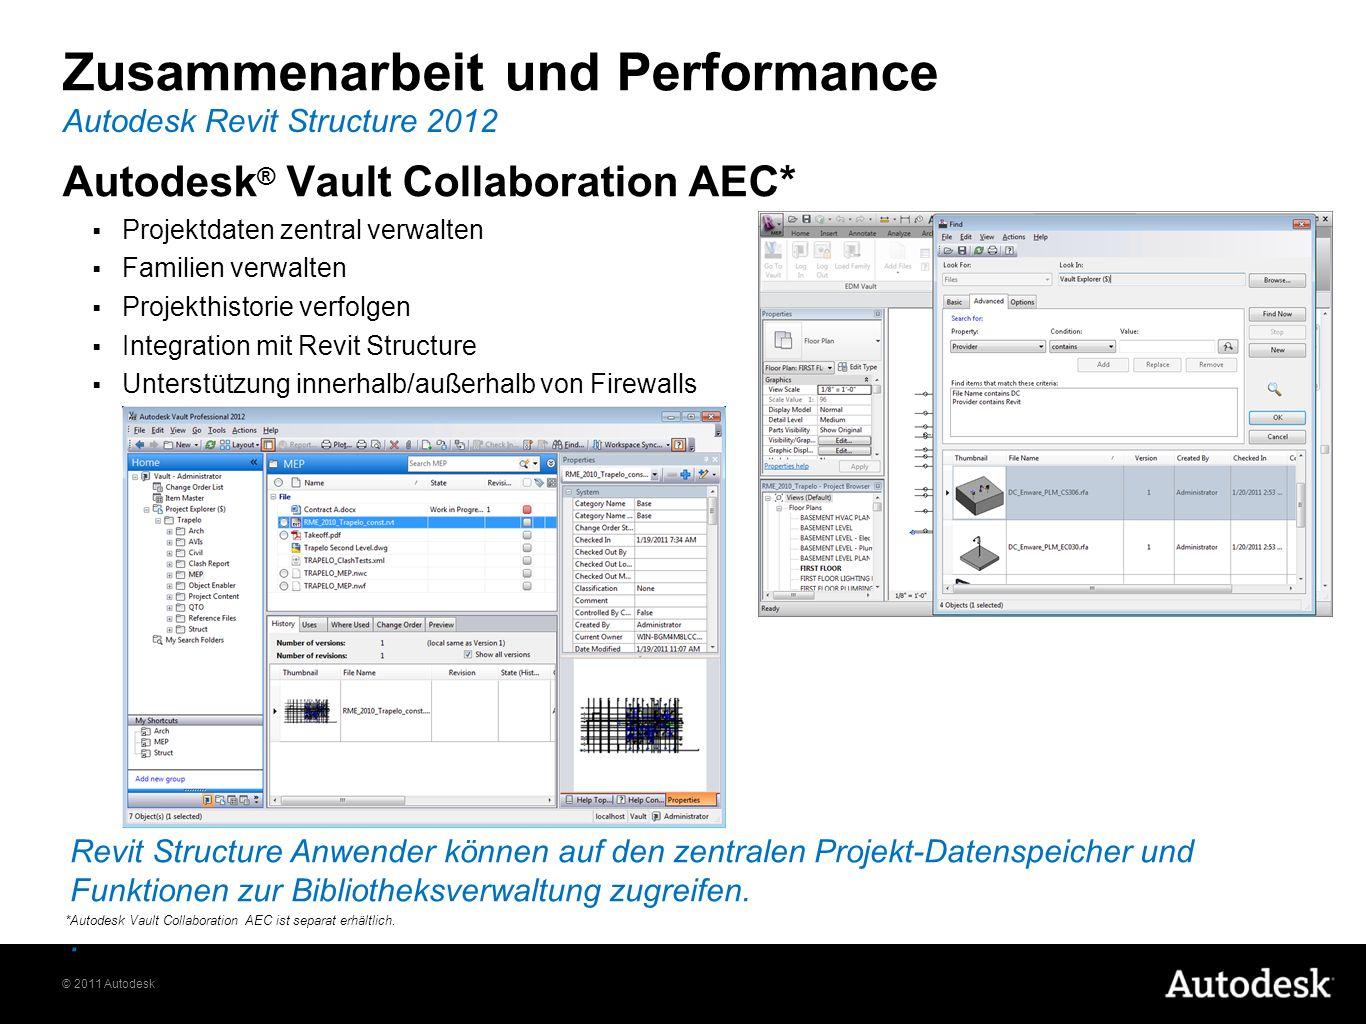 © 2011 Autodesk Zusammenarbeit und Performance Autodesk Revit Structure 2012 *Autodesk Vault Collaboration AEC ist separat erhältlich. Revit Structure